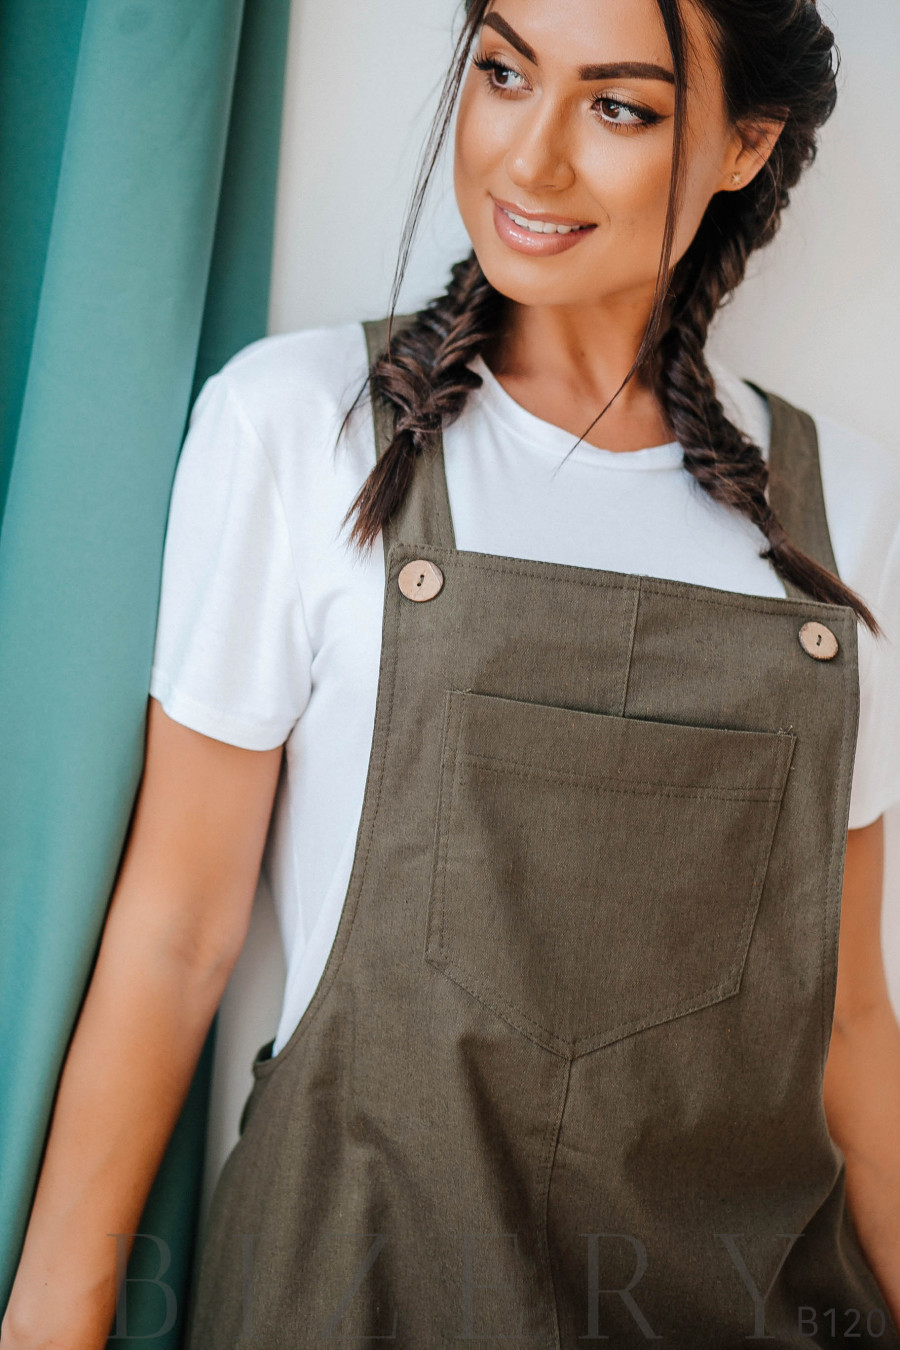 Сарафан хаки из полированного льна + мягкая белая футболка